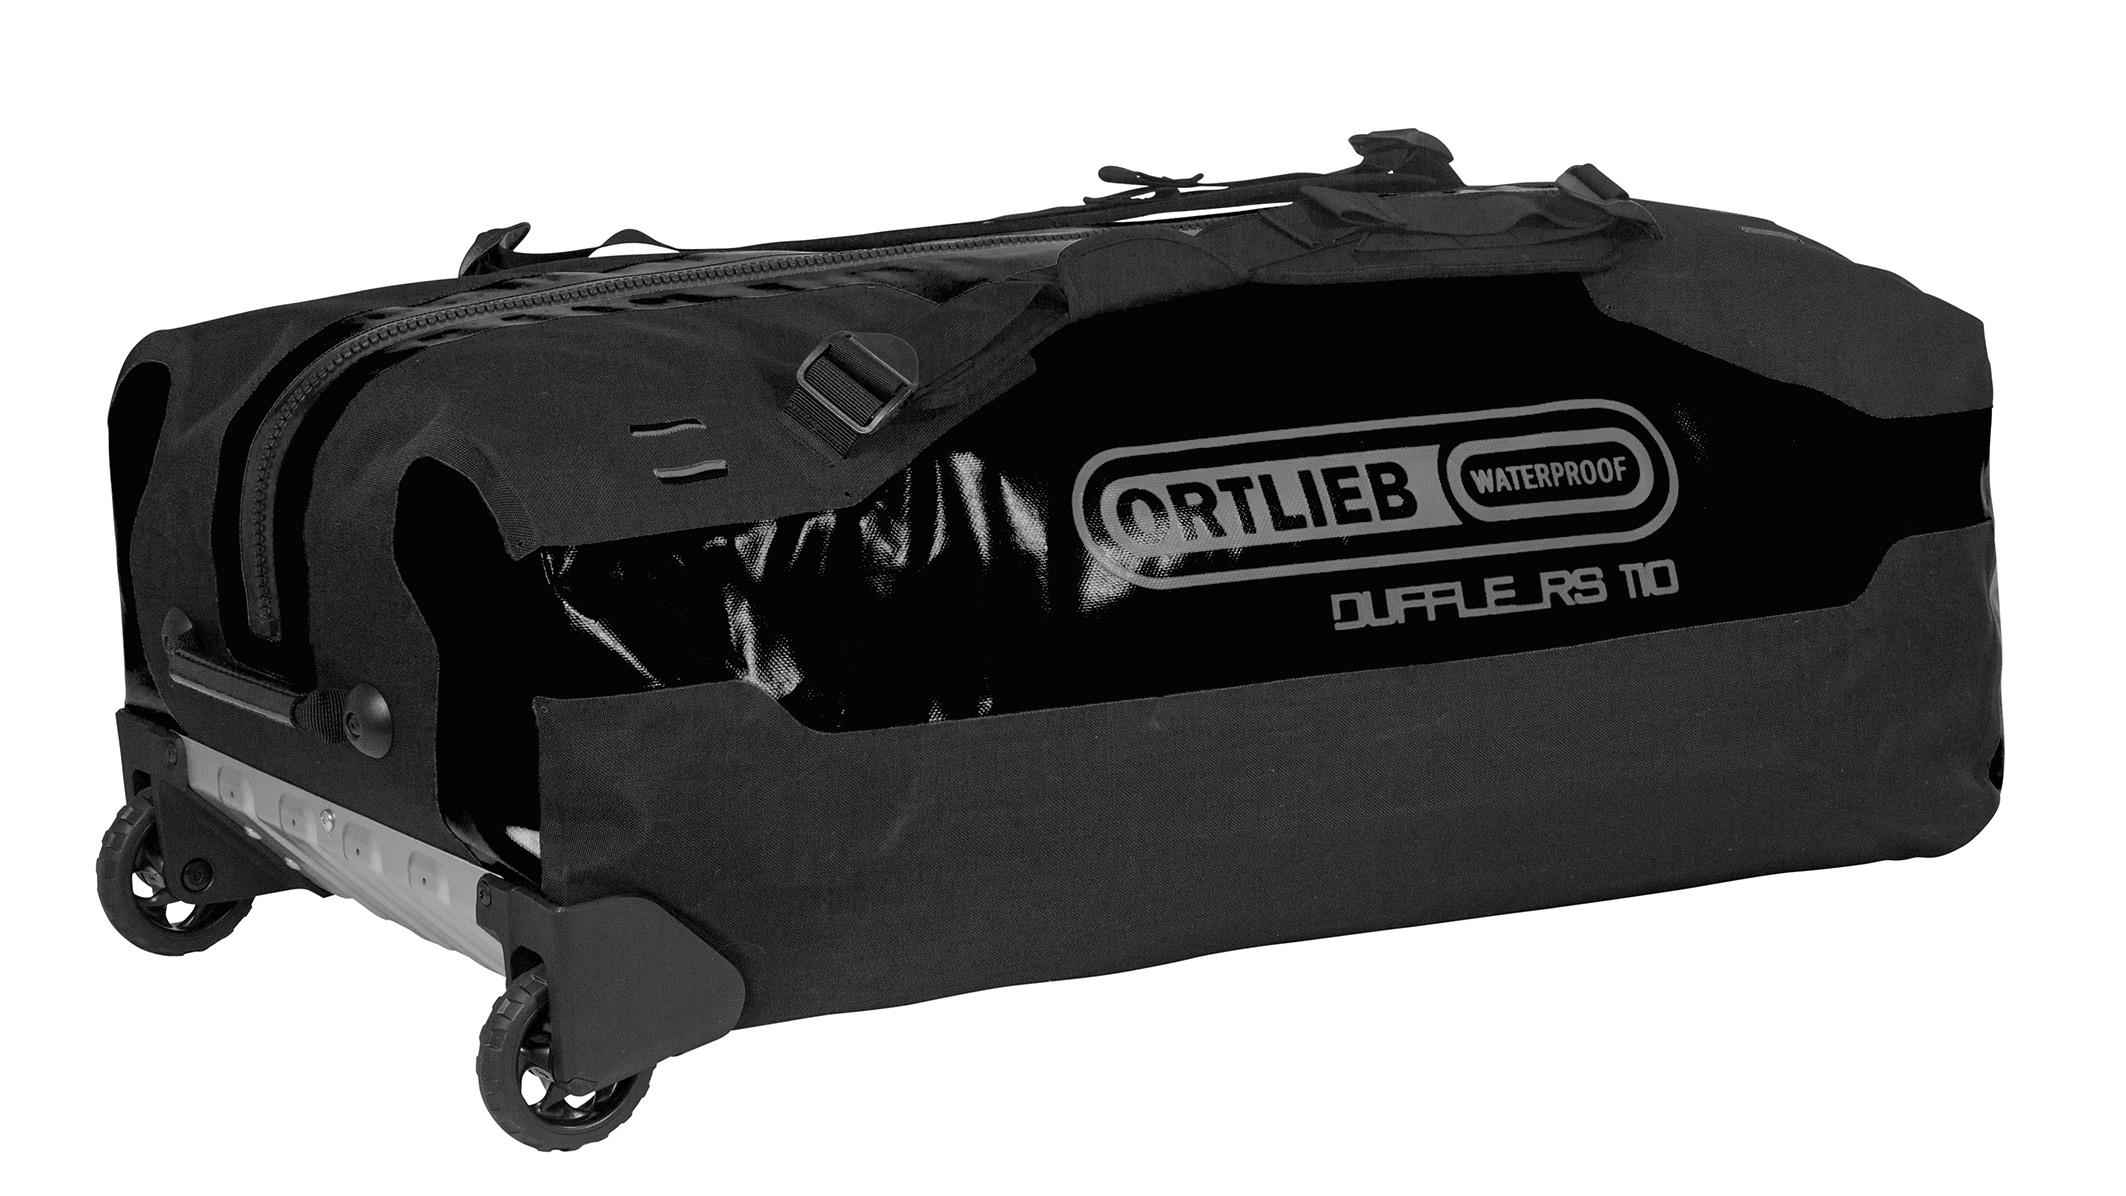 """Ortlieb """"Duffle RS"""" - Black"""